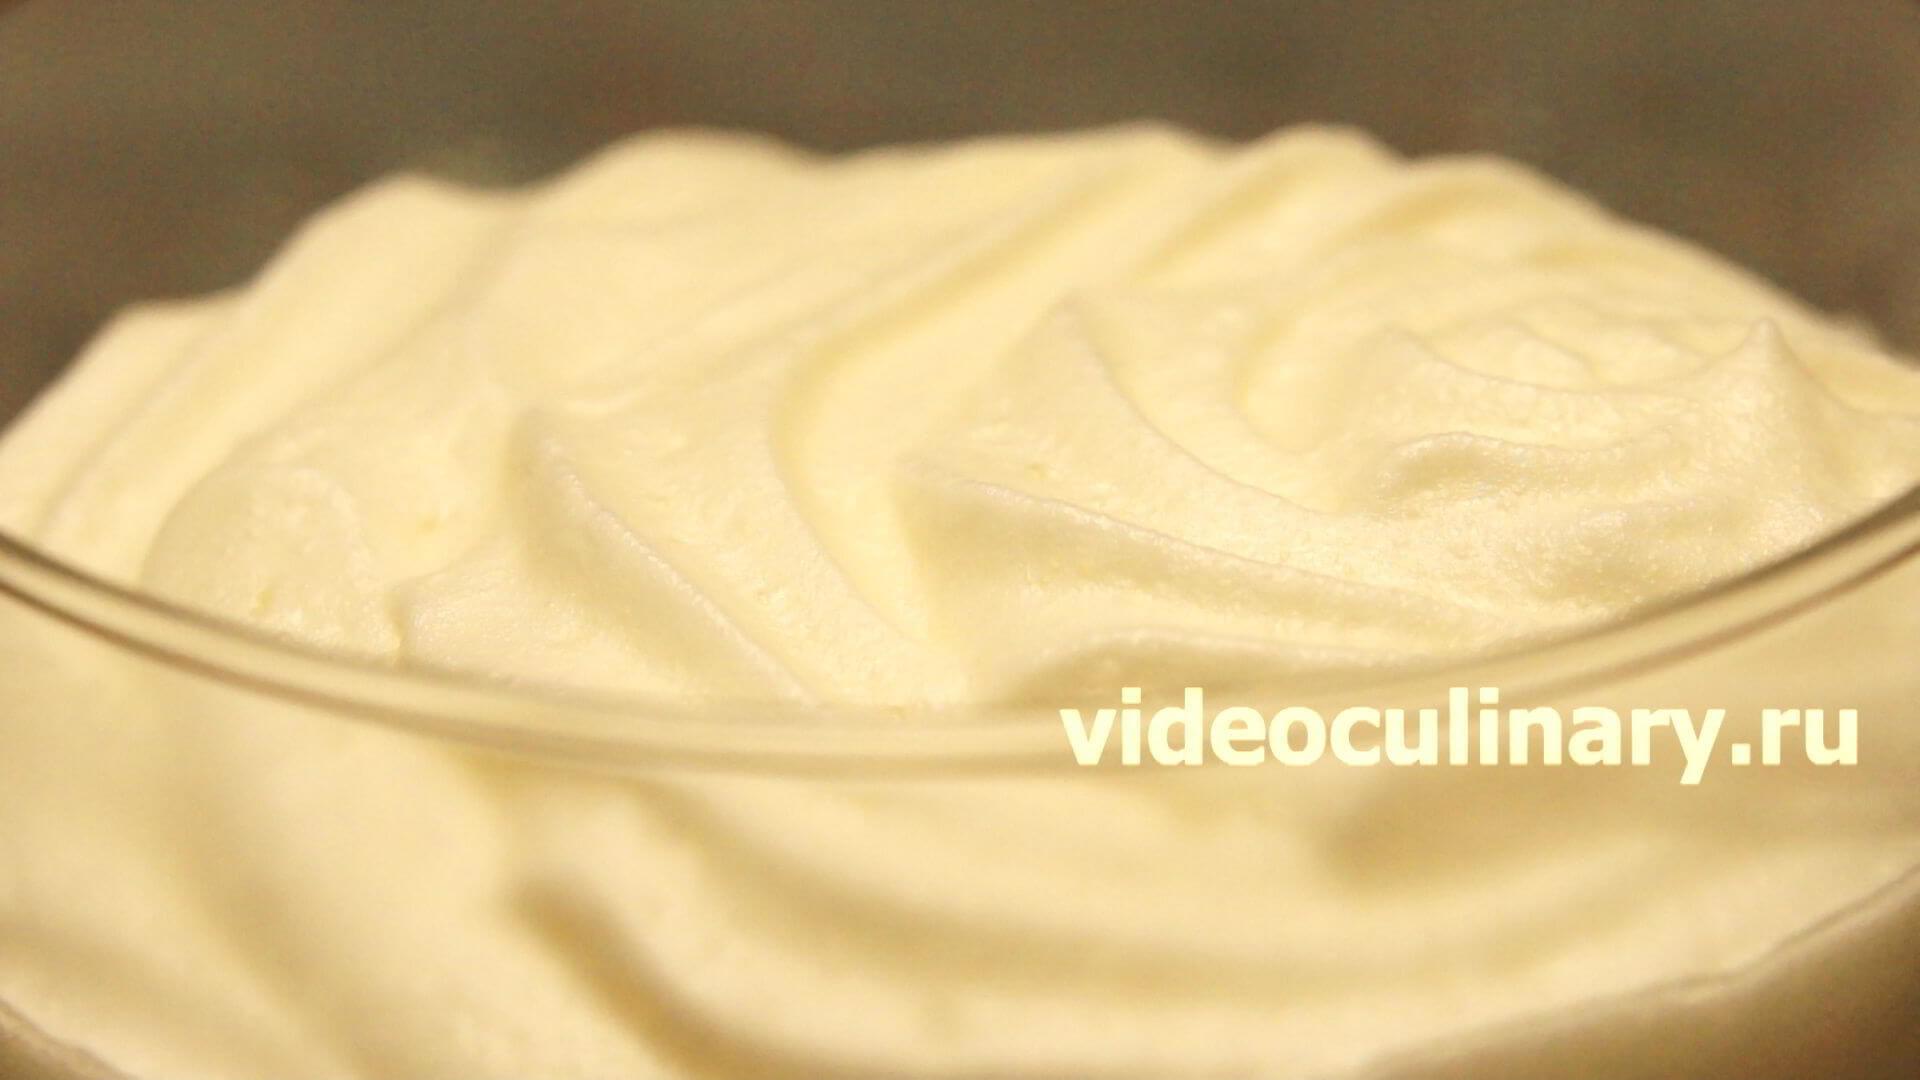 Рецепт воздушного крема для торта пошагово